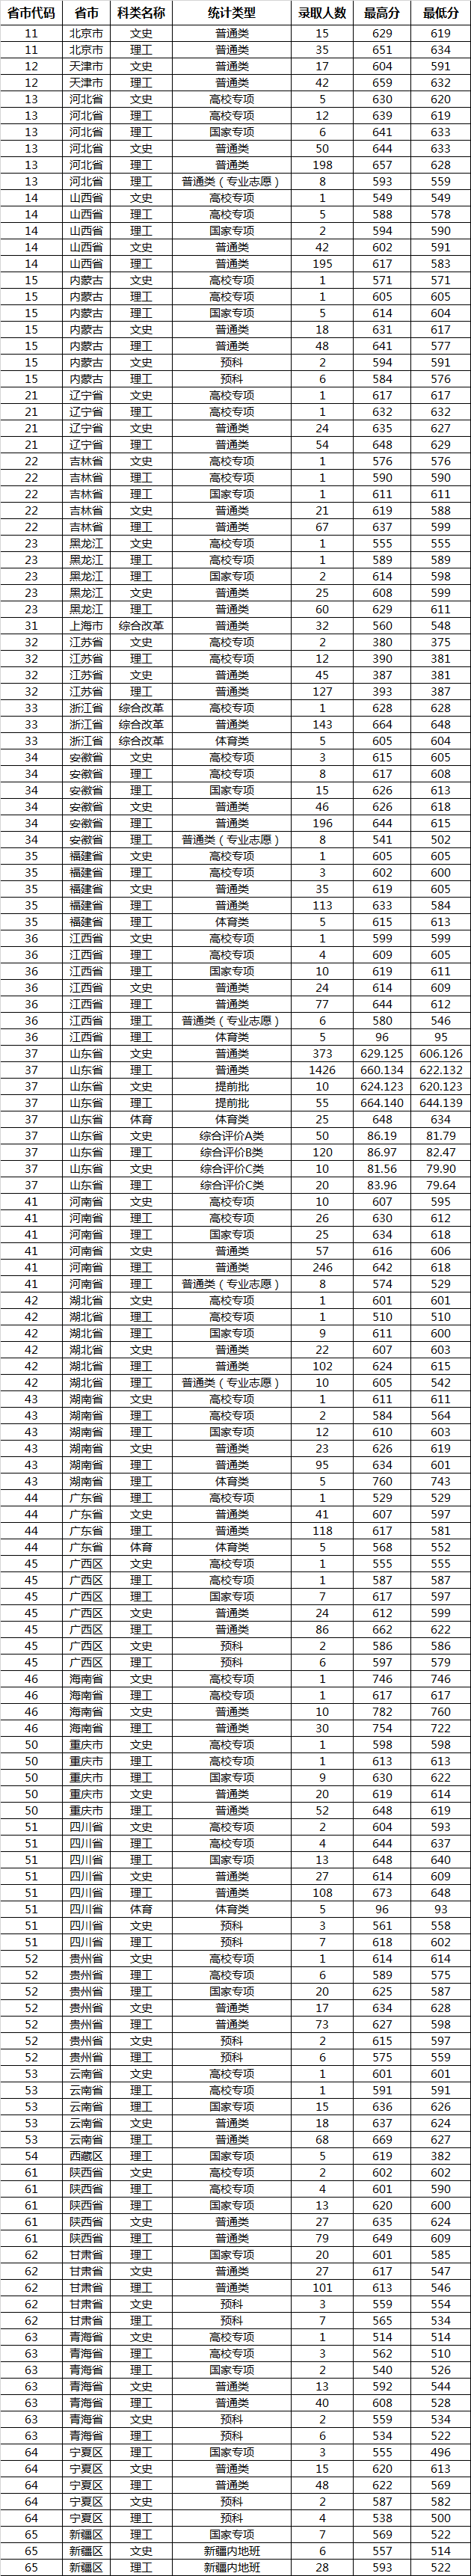 山东大学2019年各类型录取分数线